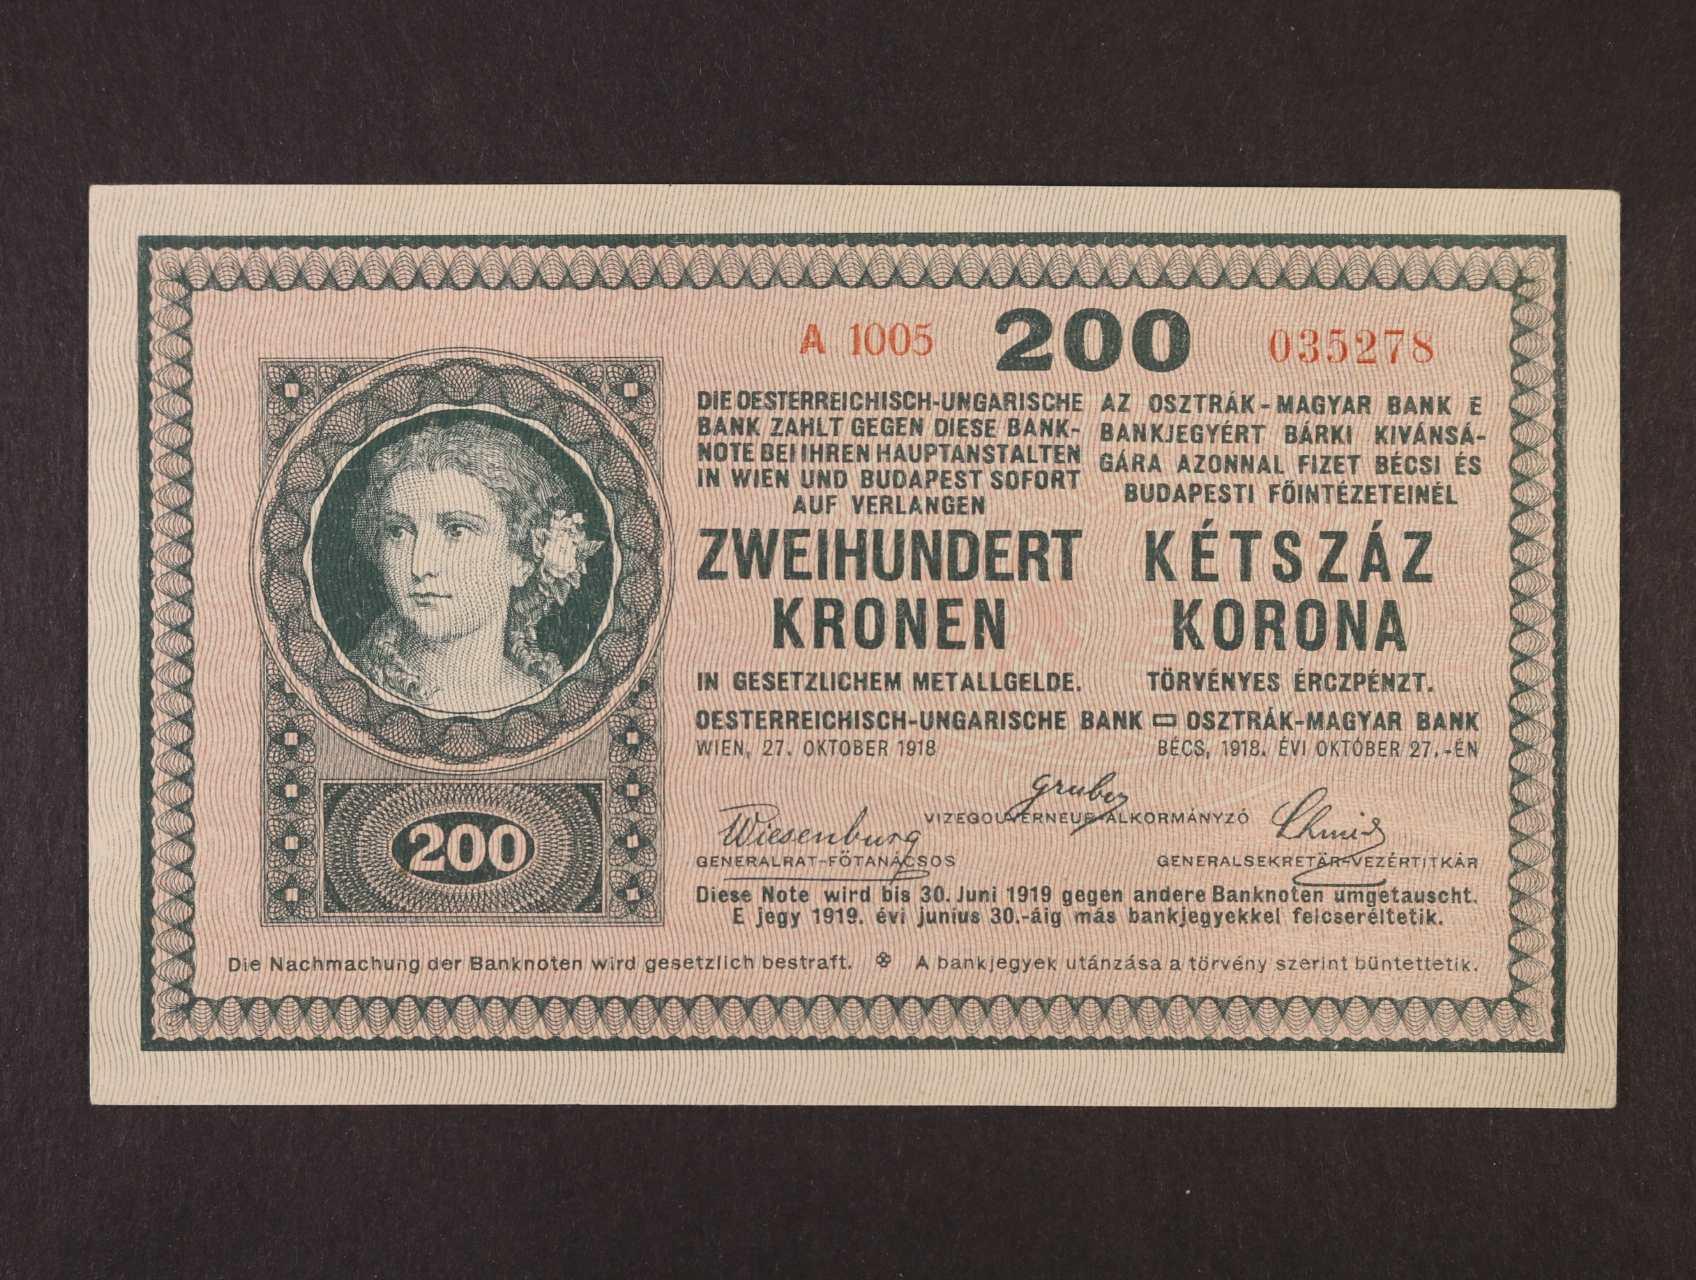 200 K 27.10.1918 série A 1005 bez podtisku na R, Ri. 445, Pi. 14